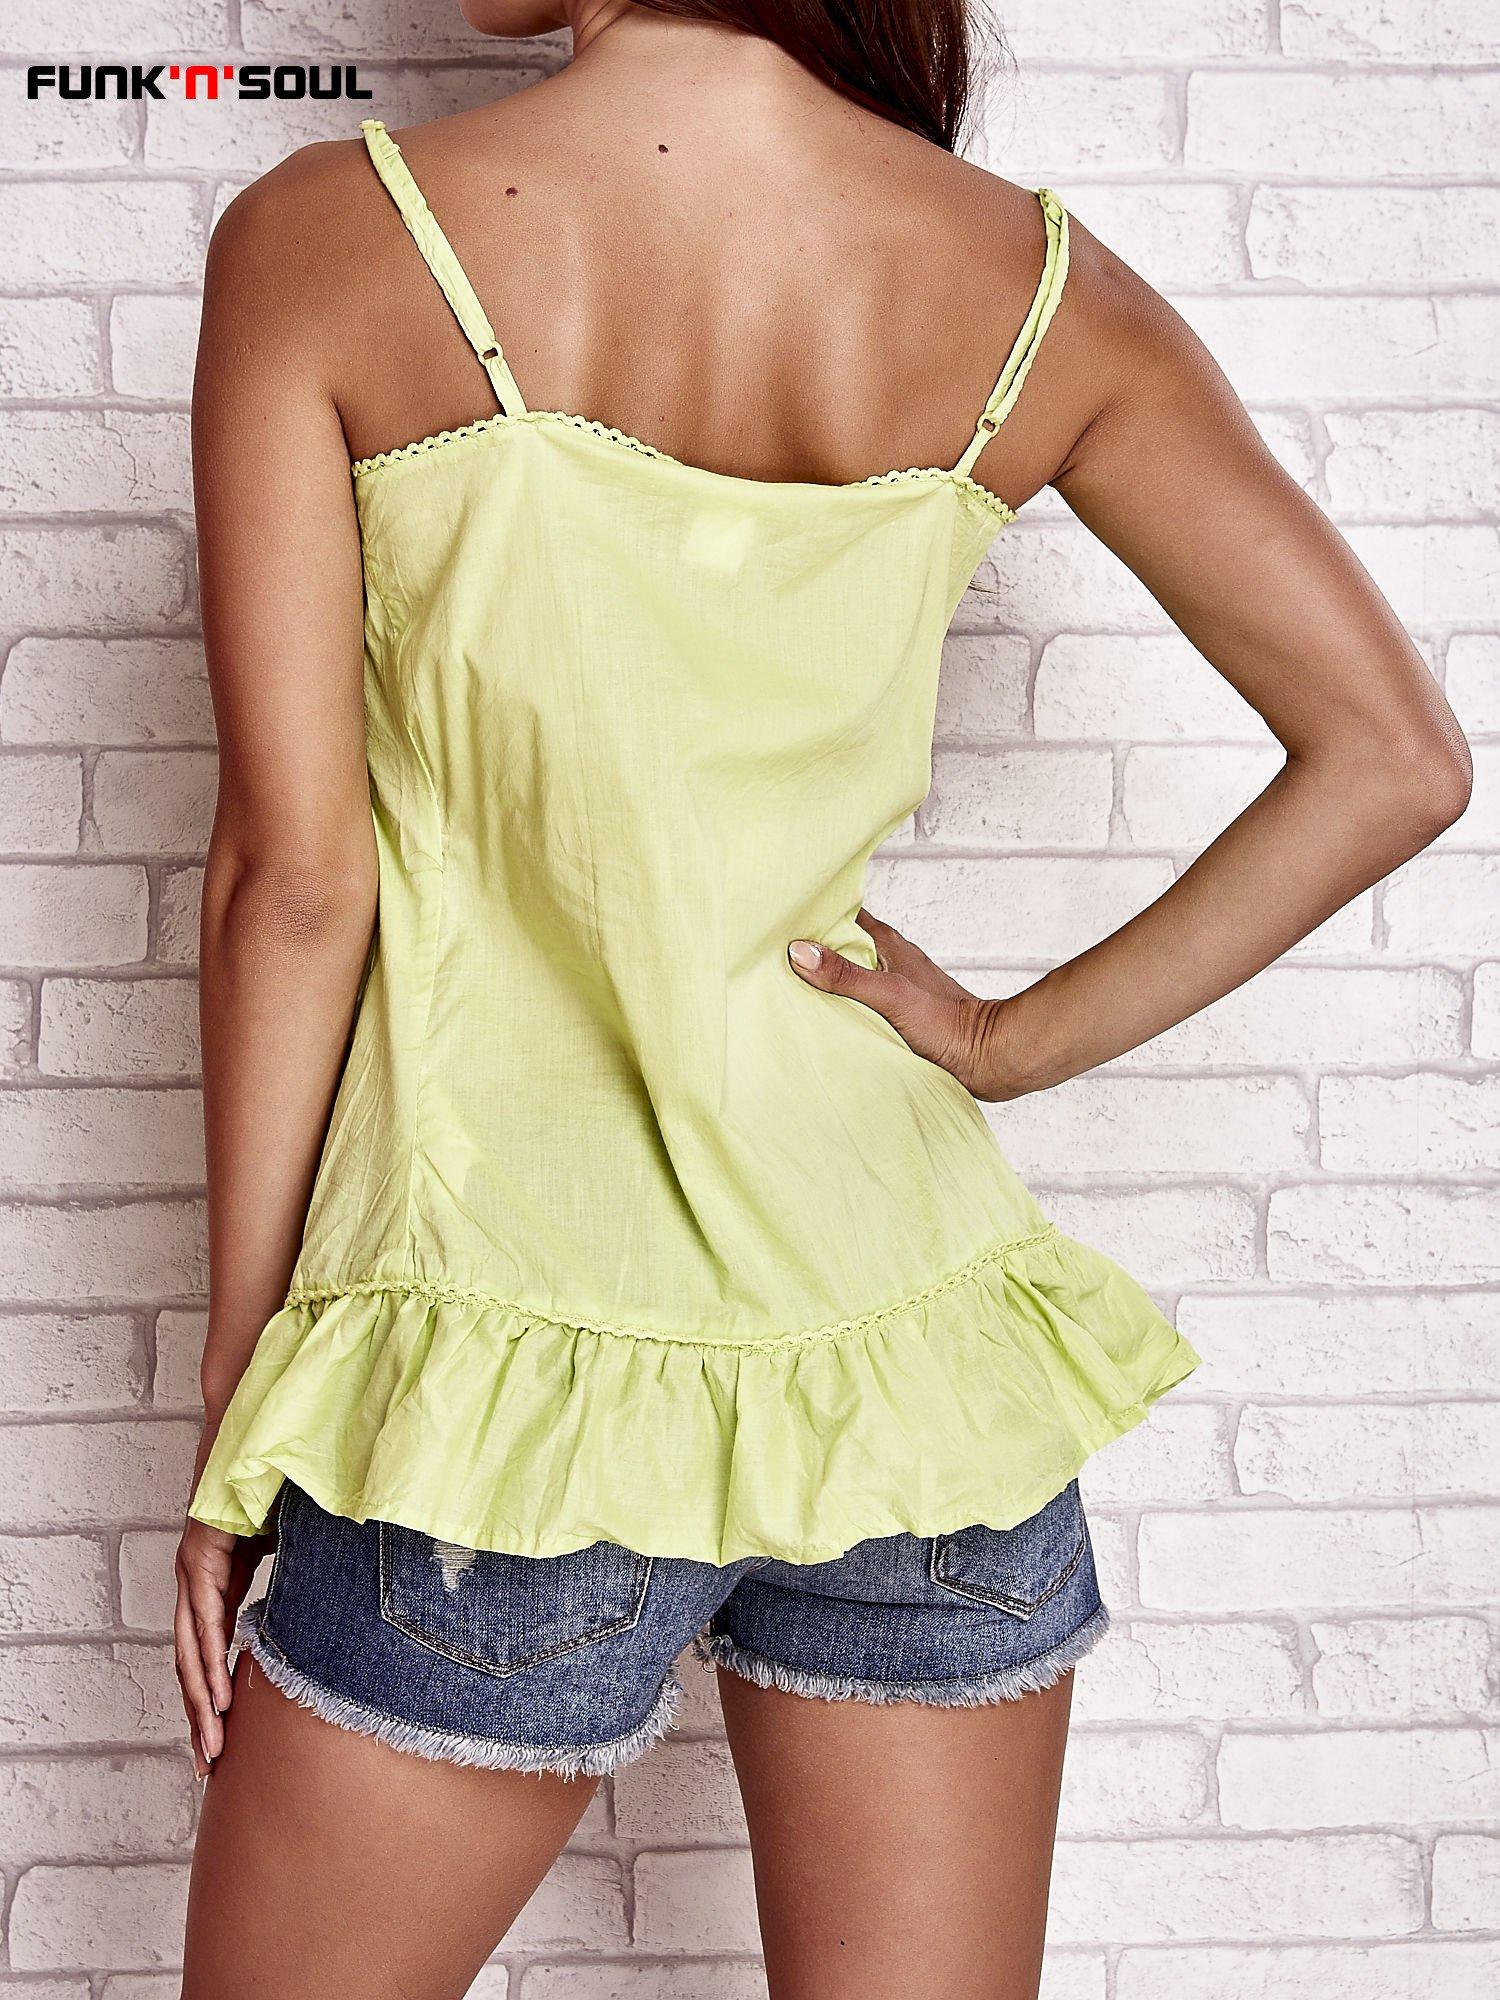 Zielony top na cienkich ramiączkach z falbaną FUNK N SOUL                                  zdj.                                  4